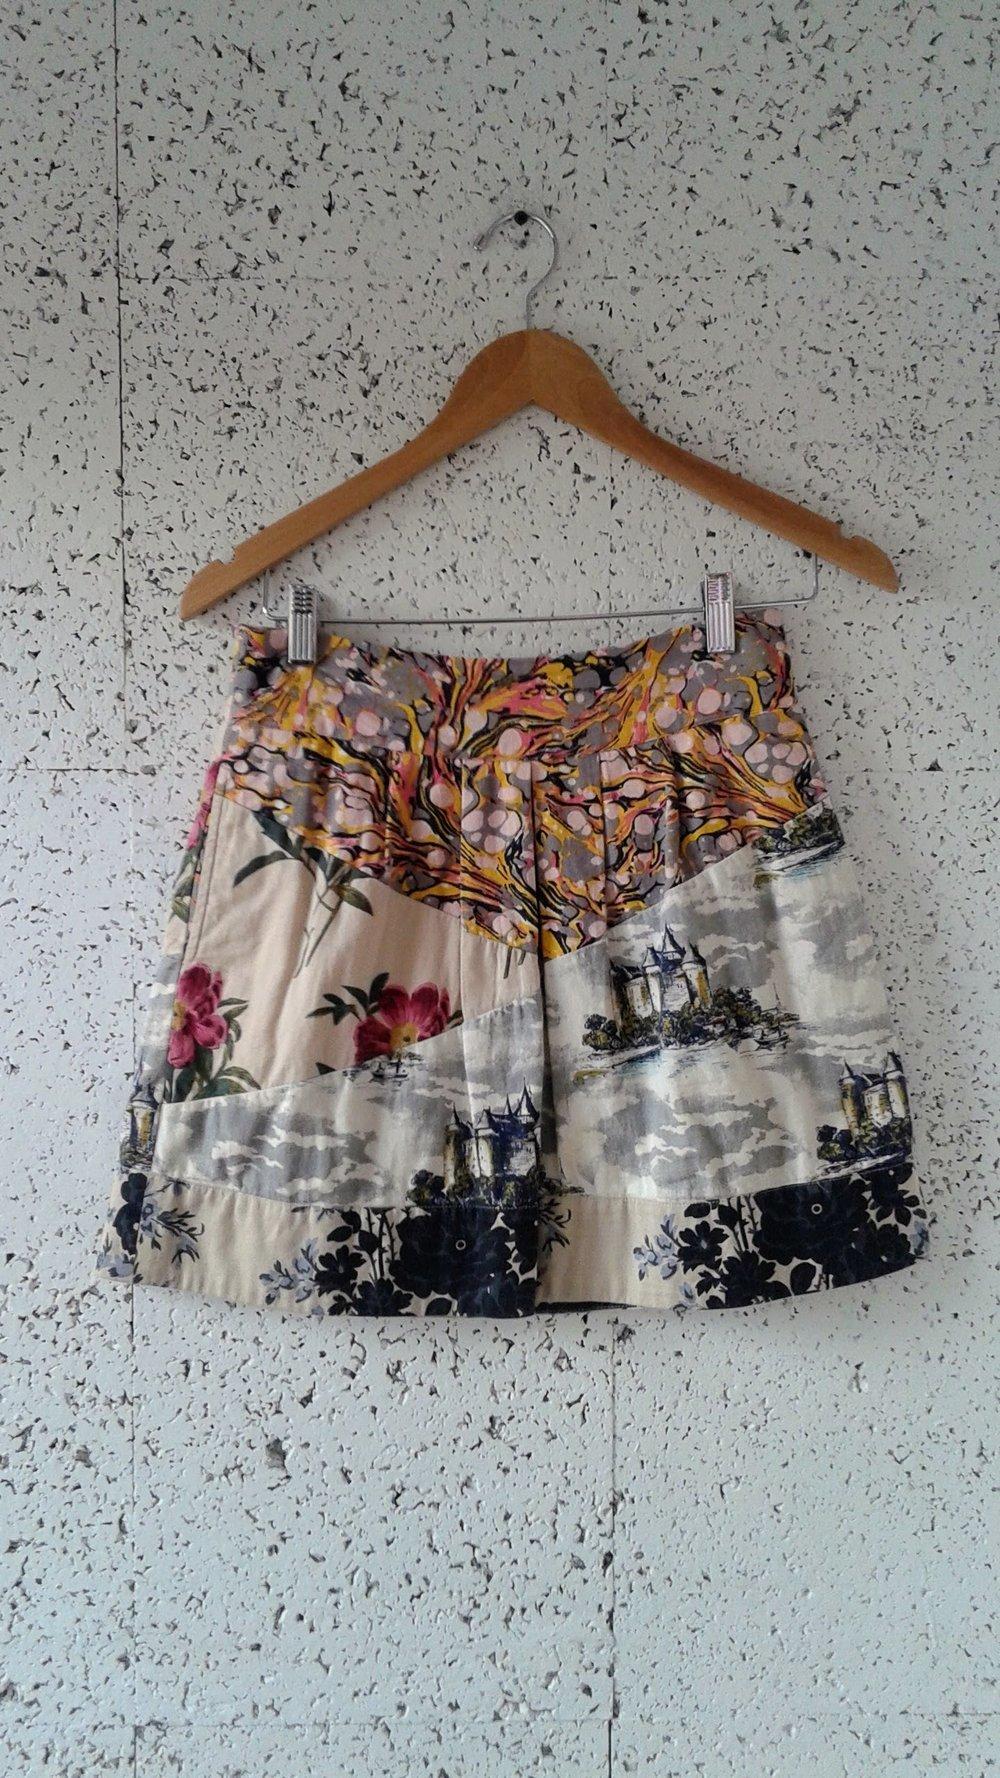 Liefnotes skirt; Size 2, $28